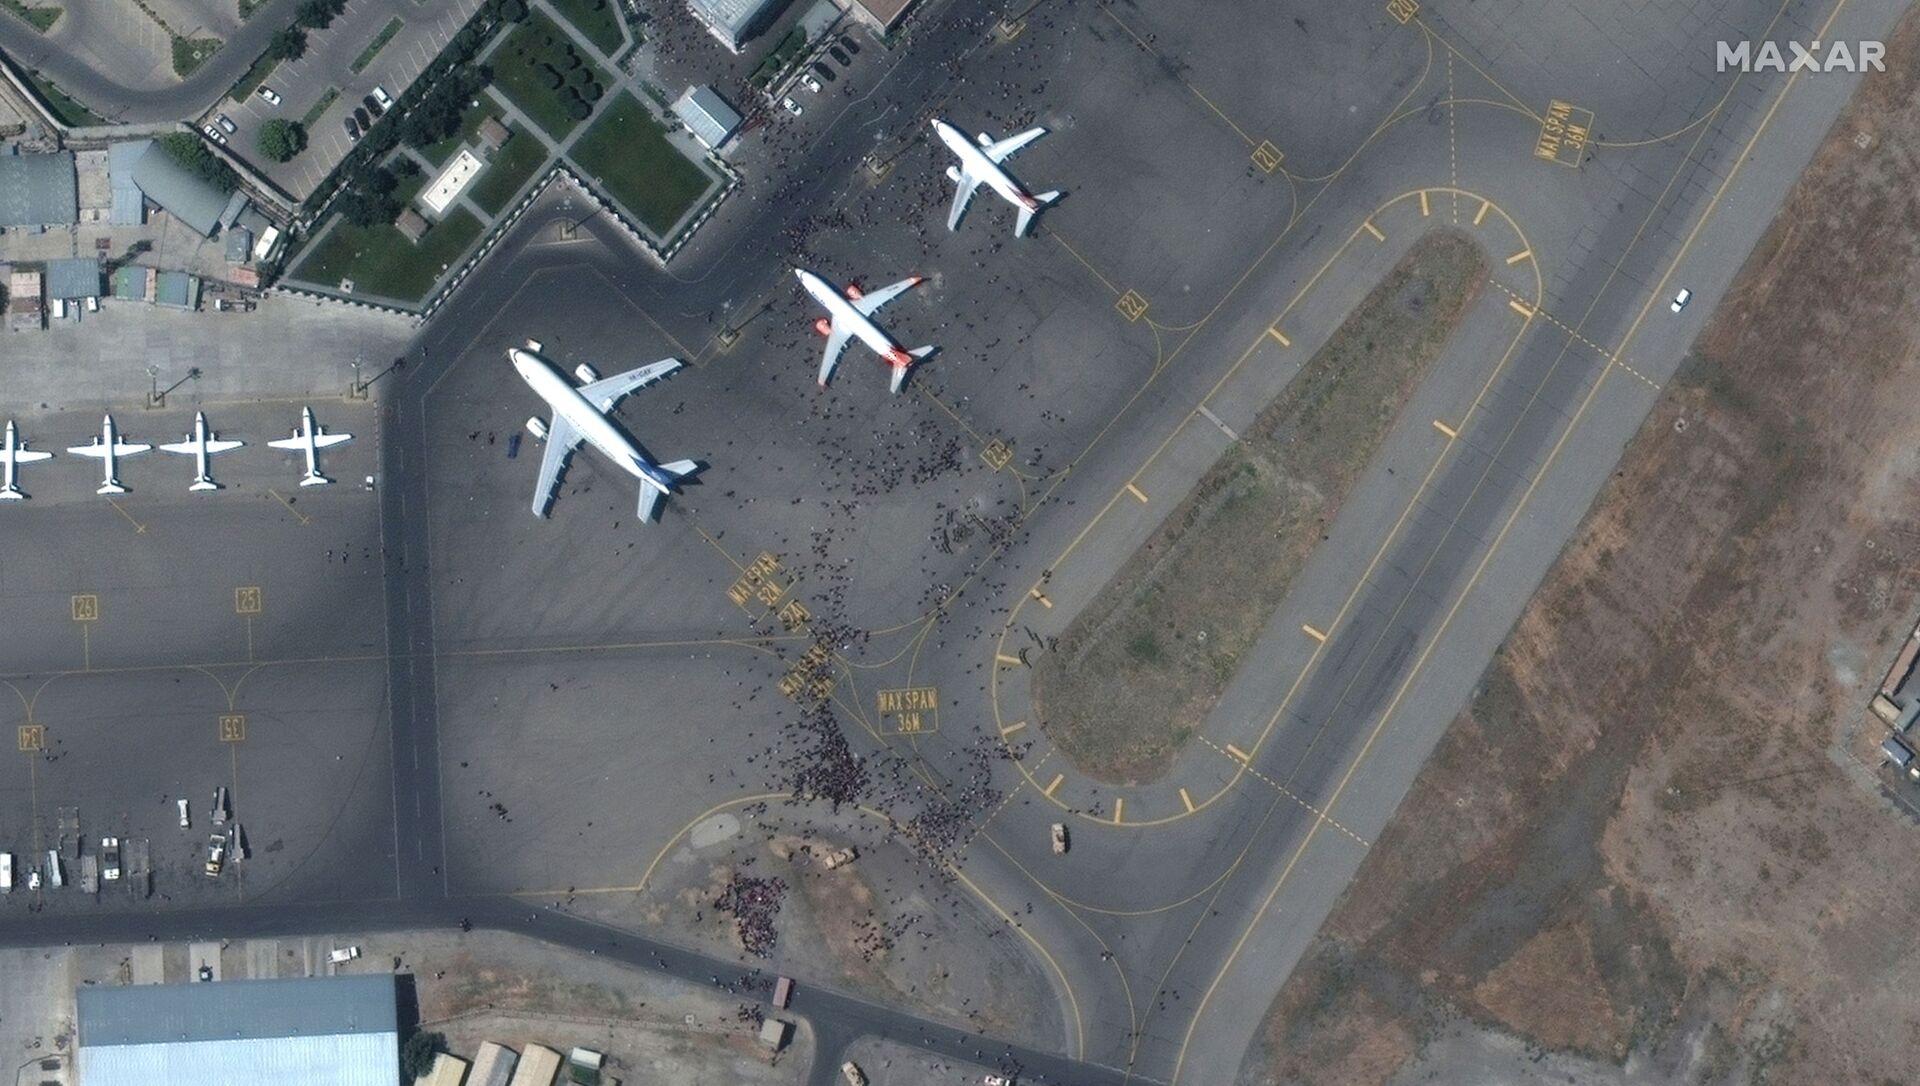 Спутниковый снимок толпы на взлетной полосе аэропорта Кабул - Sputnik Азербайджан, 1920, 29.08.2021